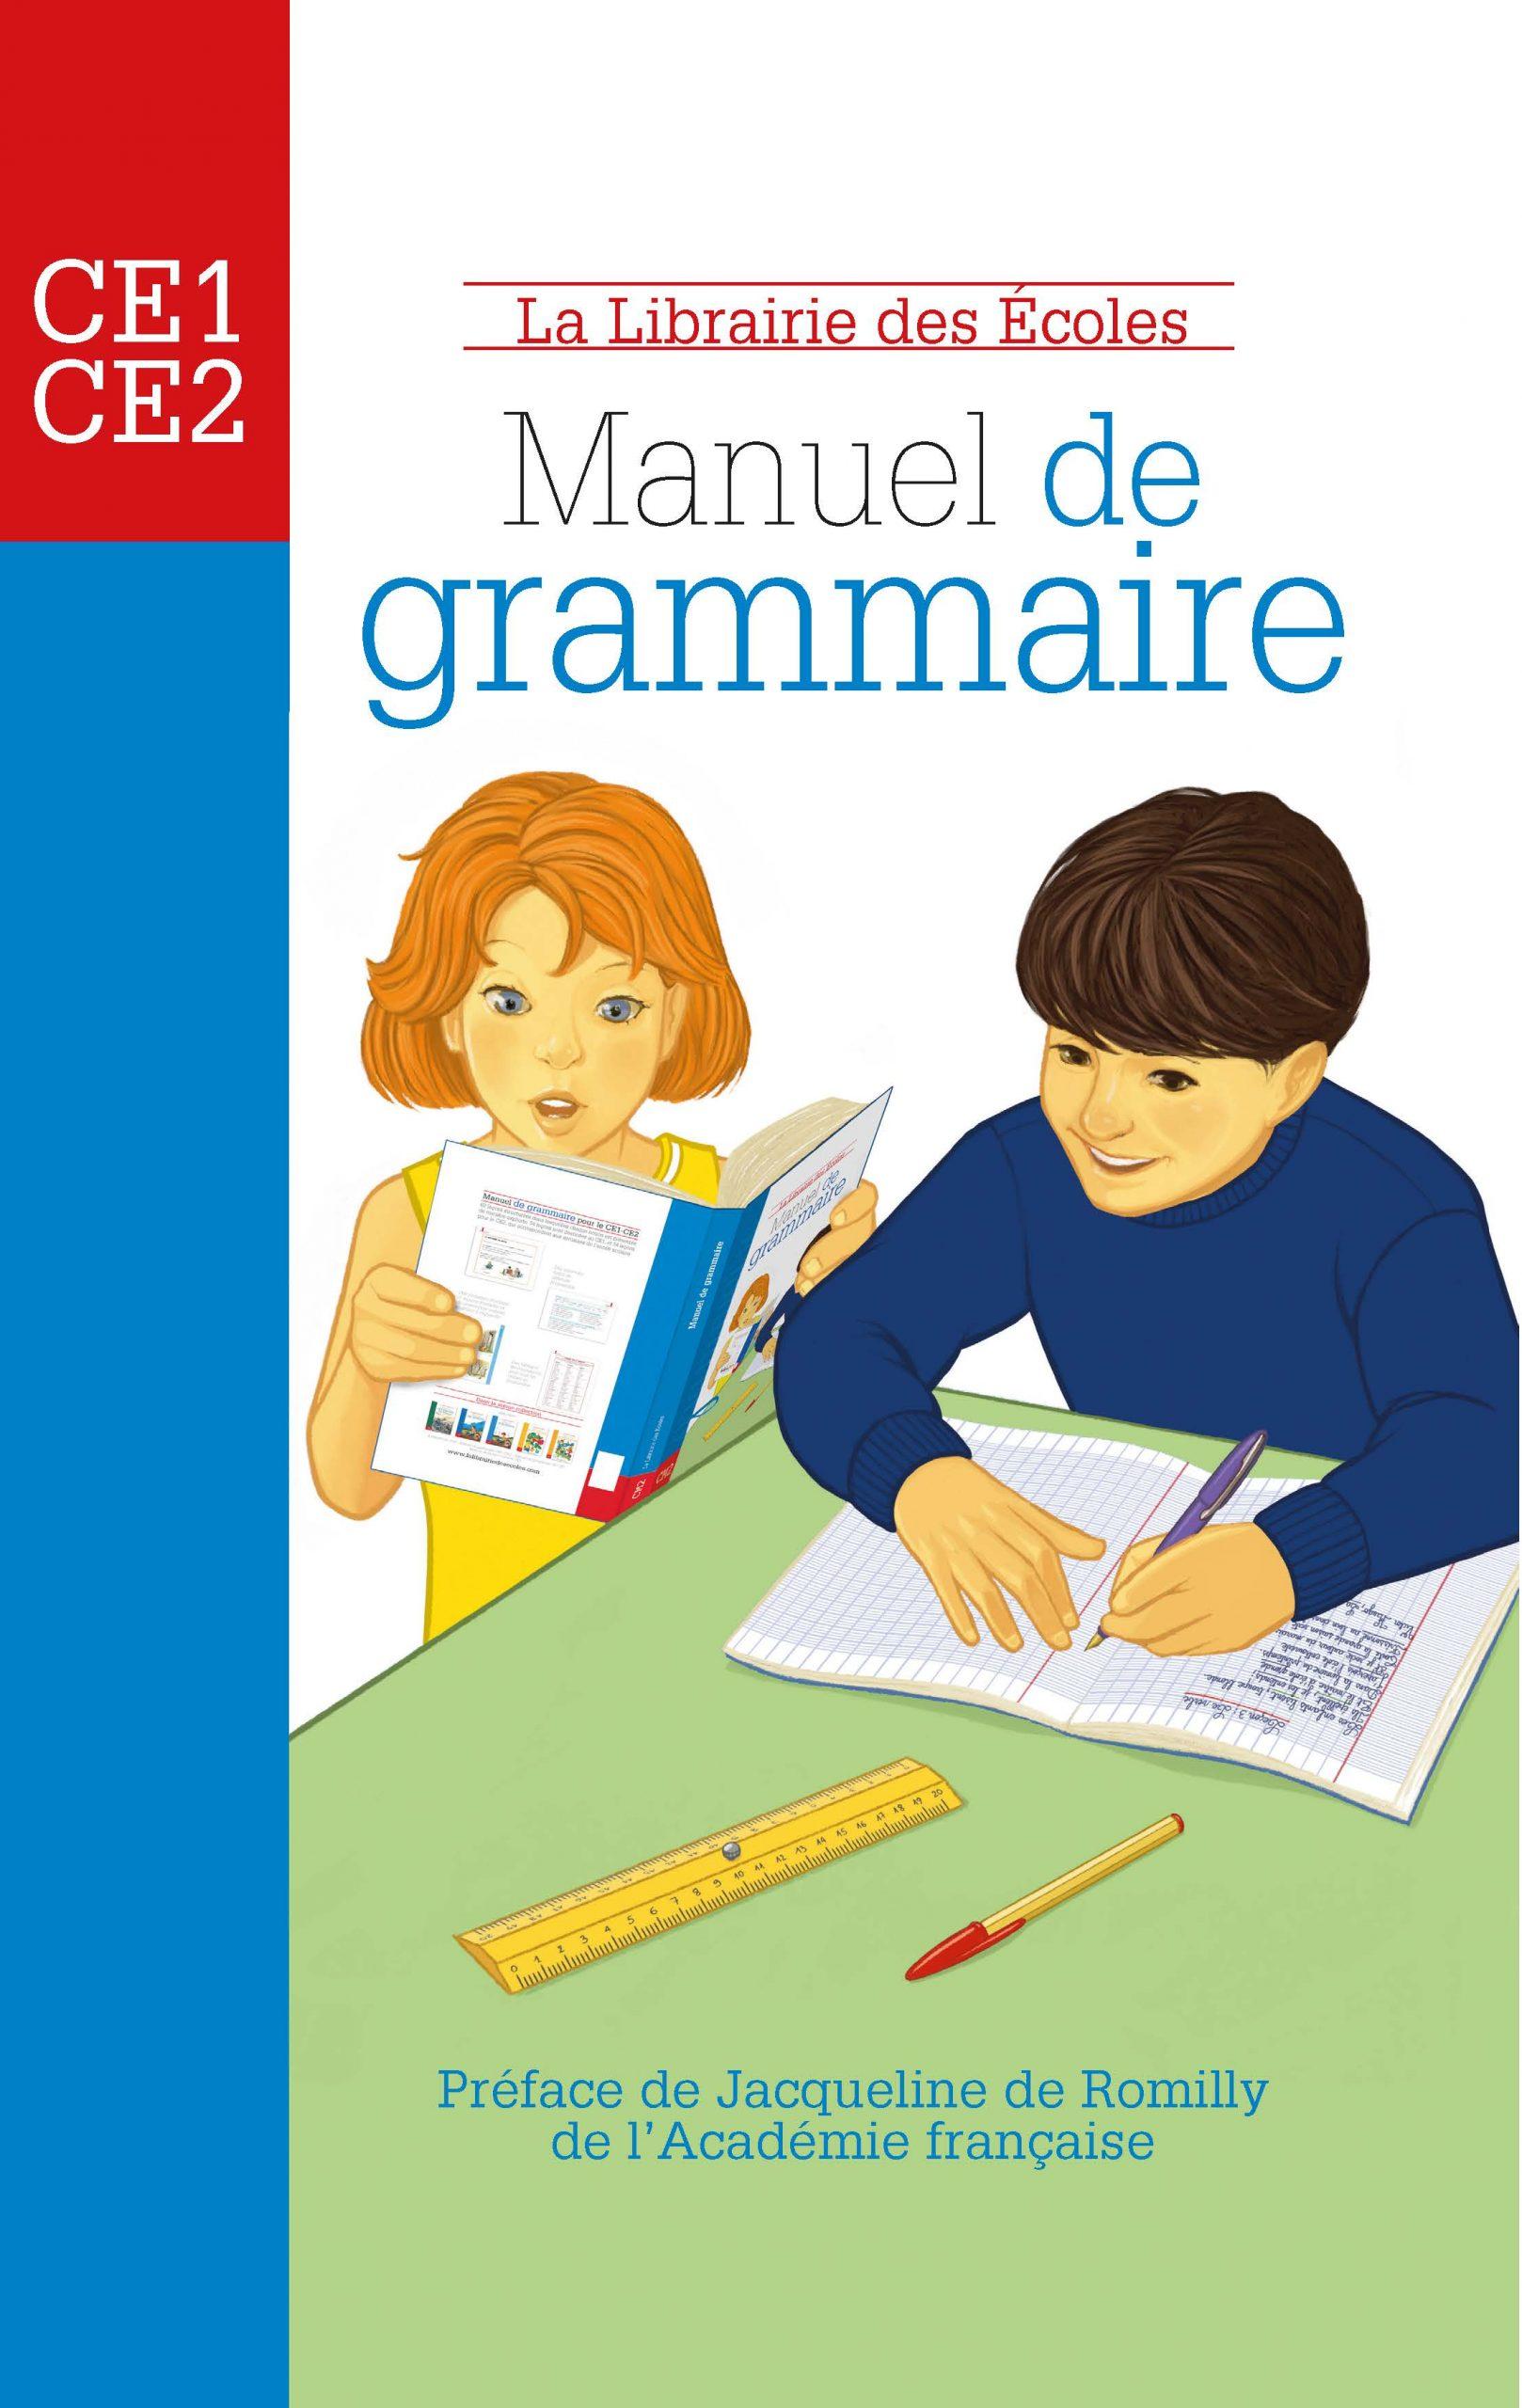 Manuel De Grammaire Ce1 Ce2 La Librairie Des Ecoles